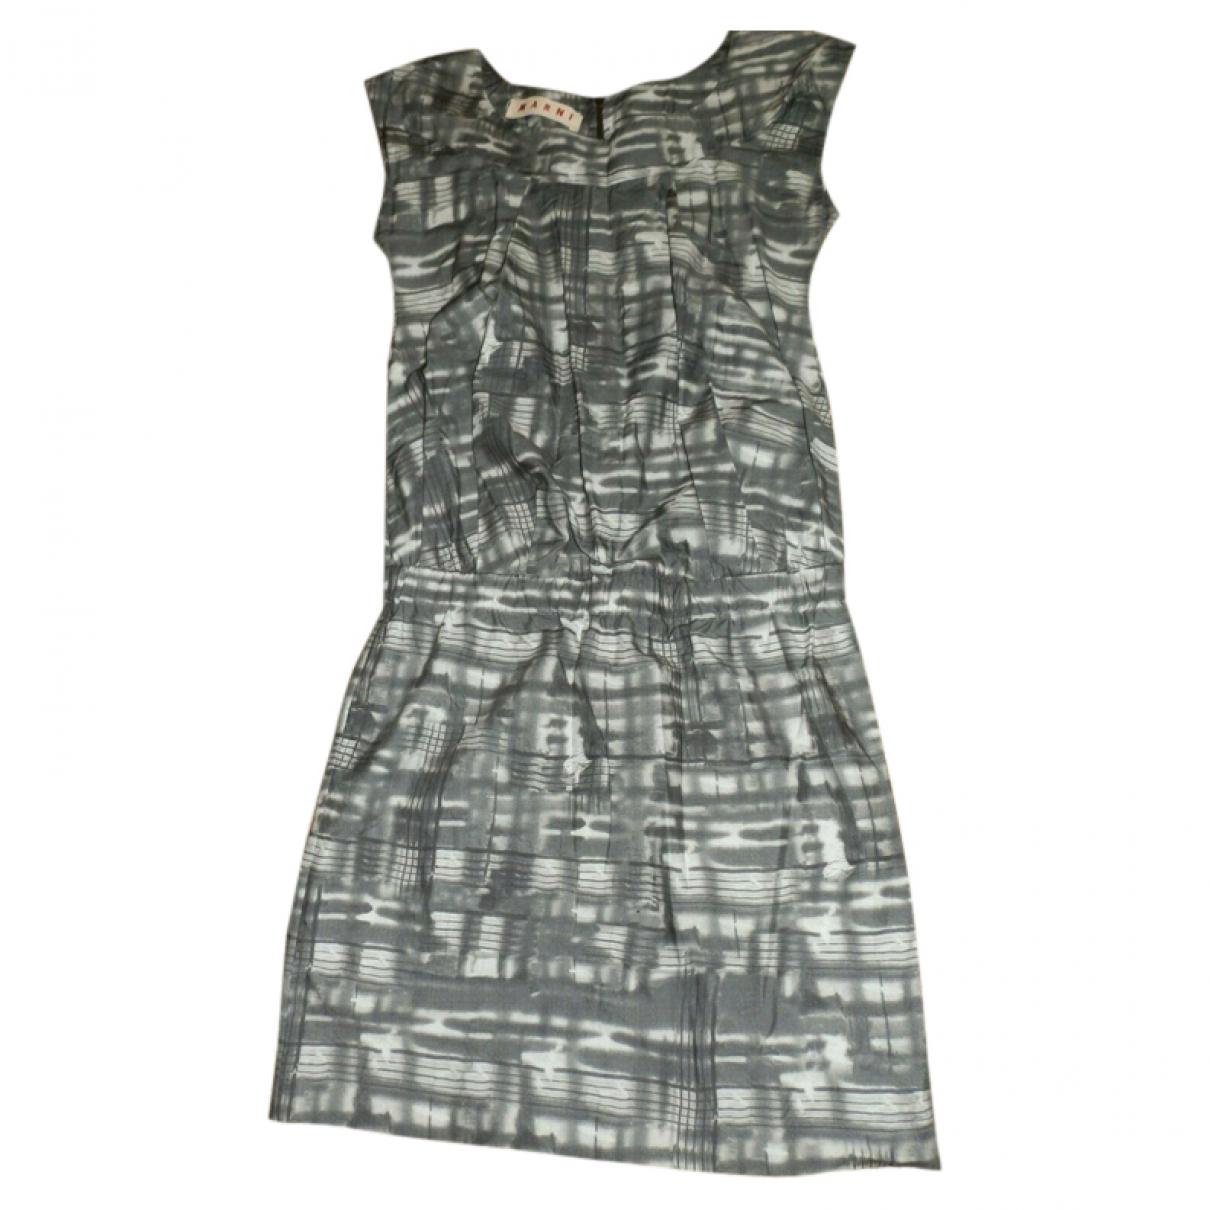 Marni \N Kleid in  Grau Baumwolle